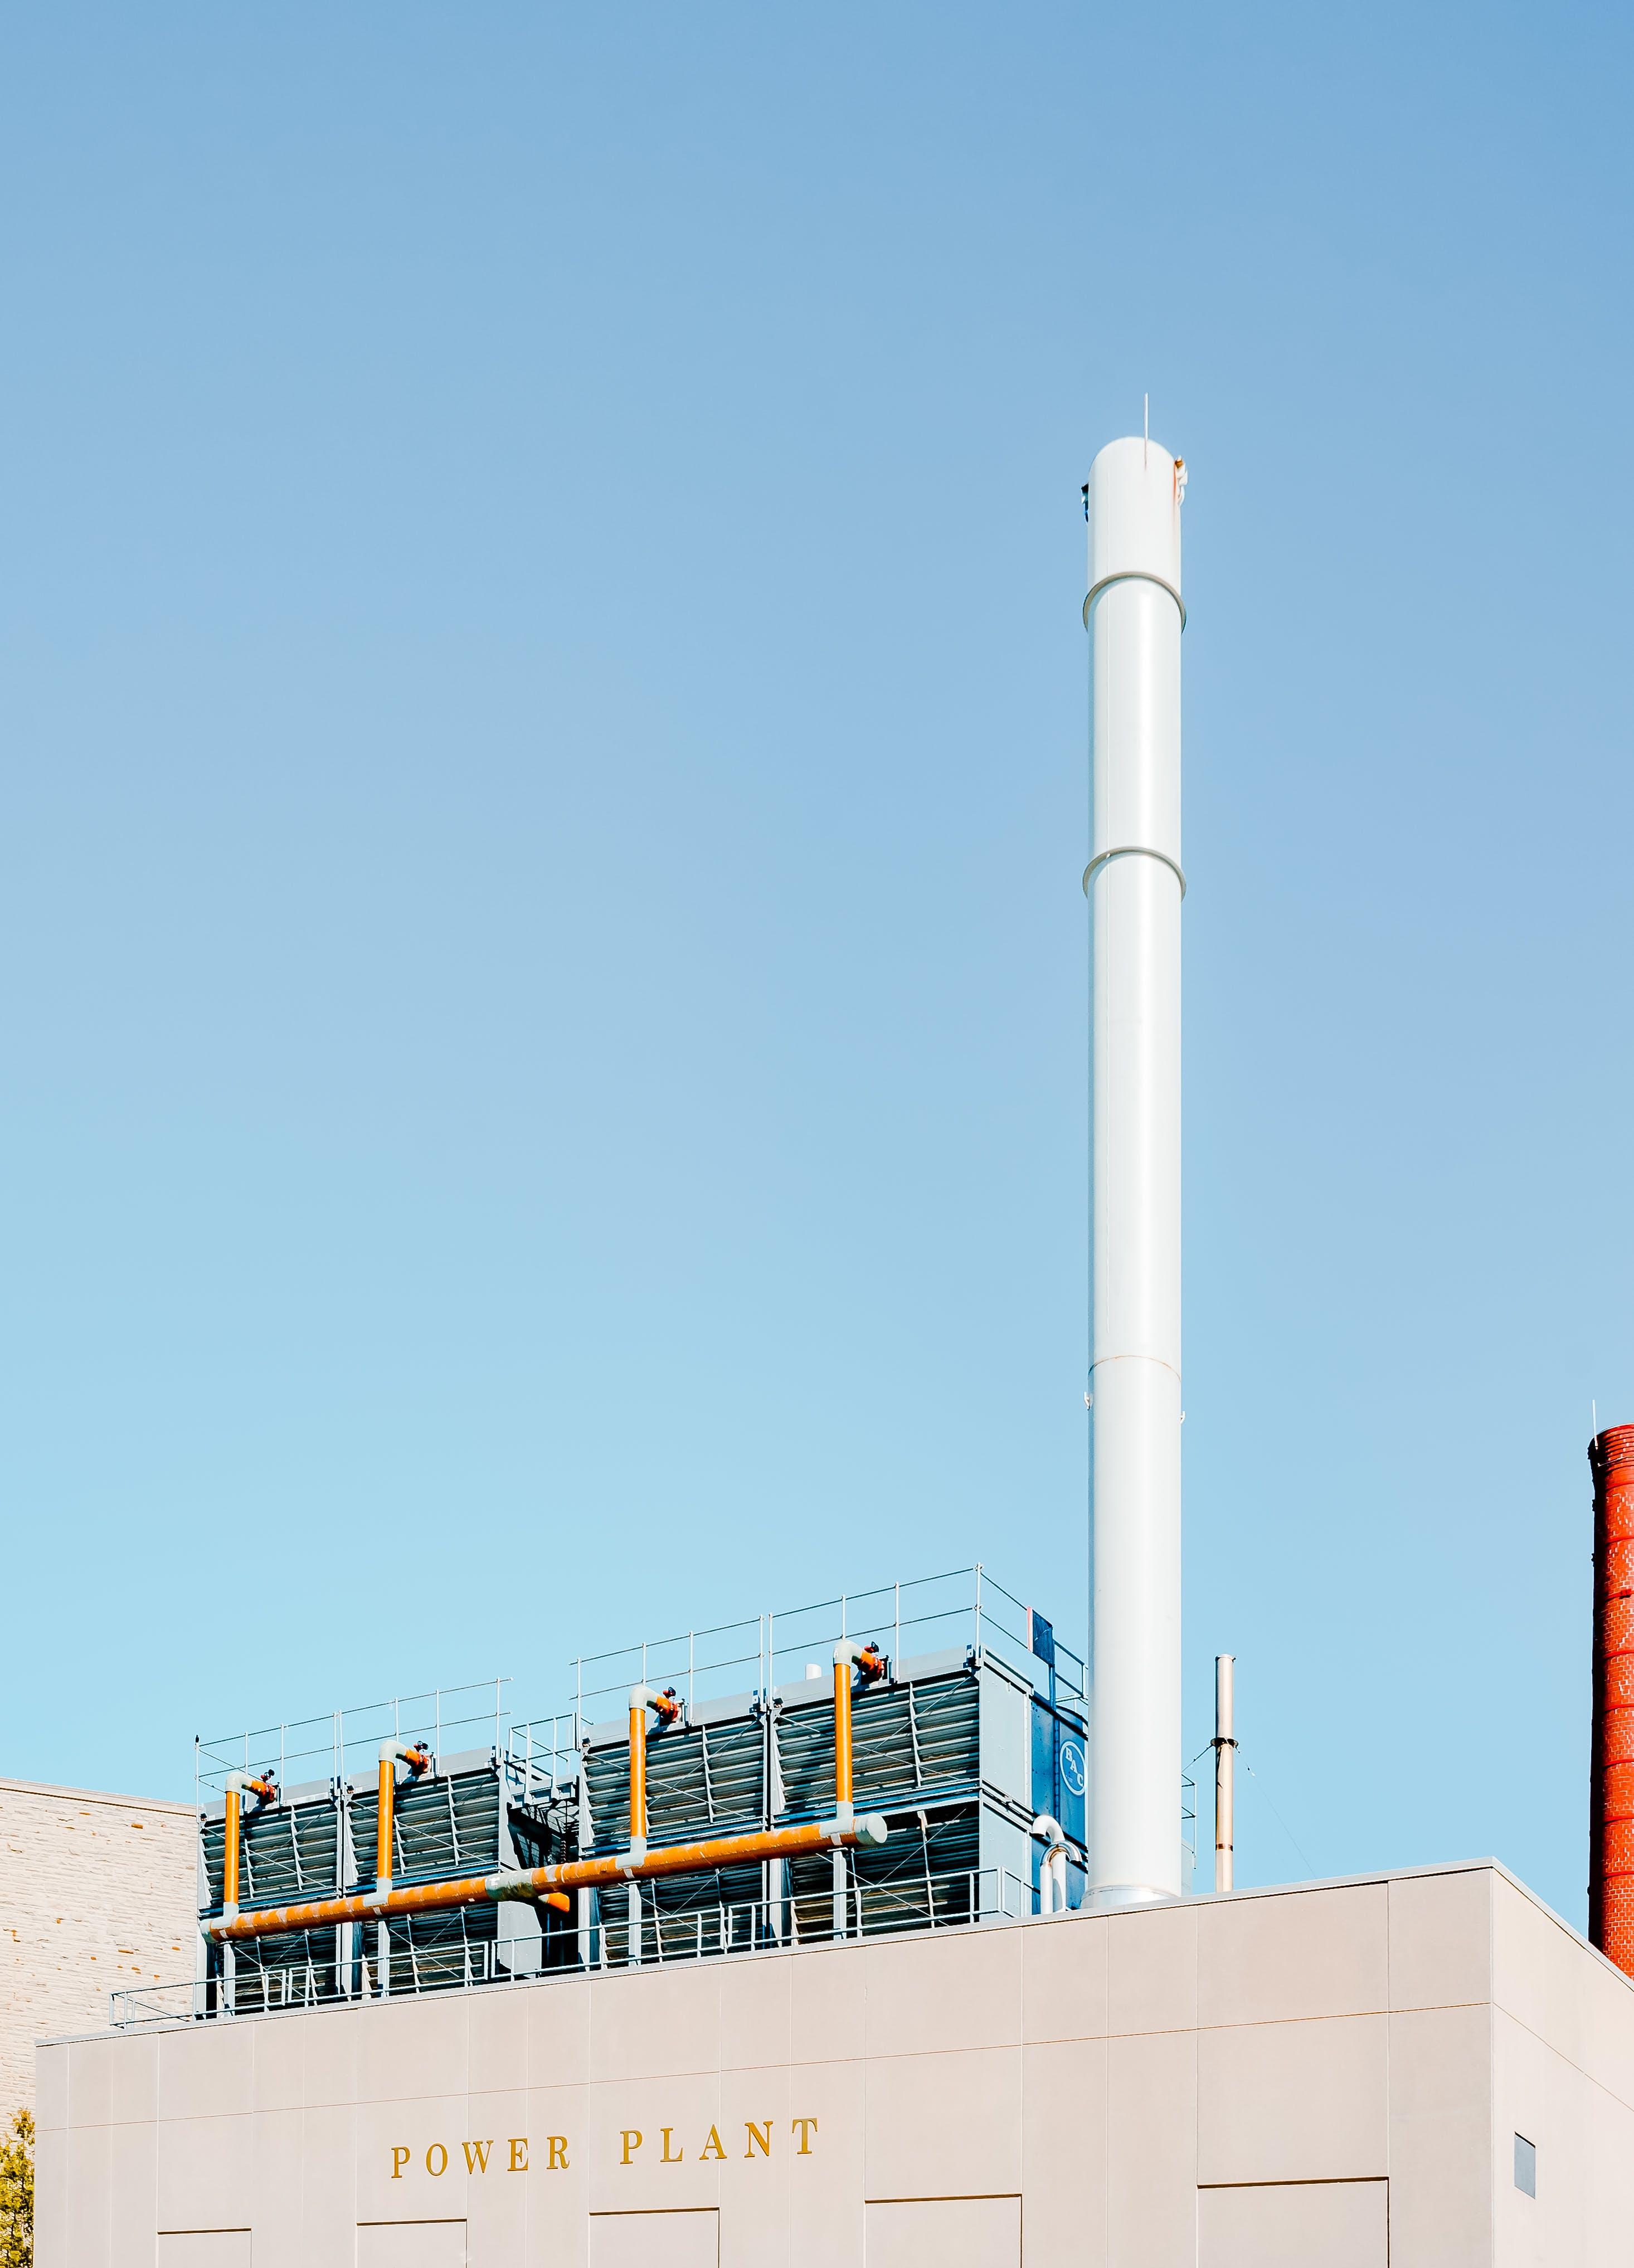 White Power Plant Chimney